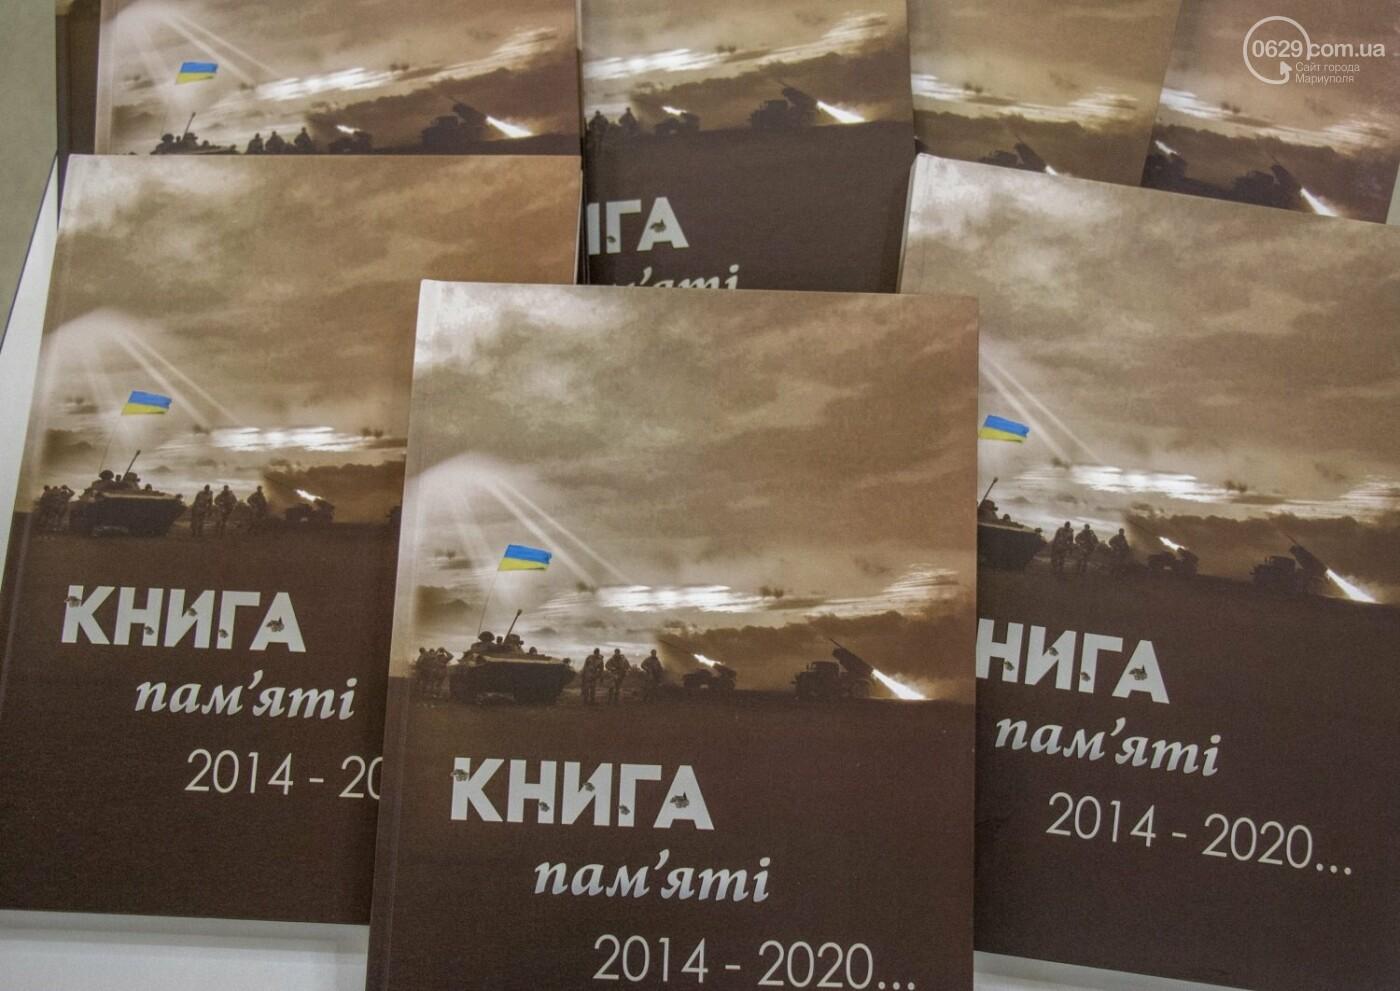 Как в Донецкой области память оставляют на холстах и в масле, - ФОТОРЕПОРТАЖ, фото-1